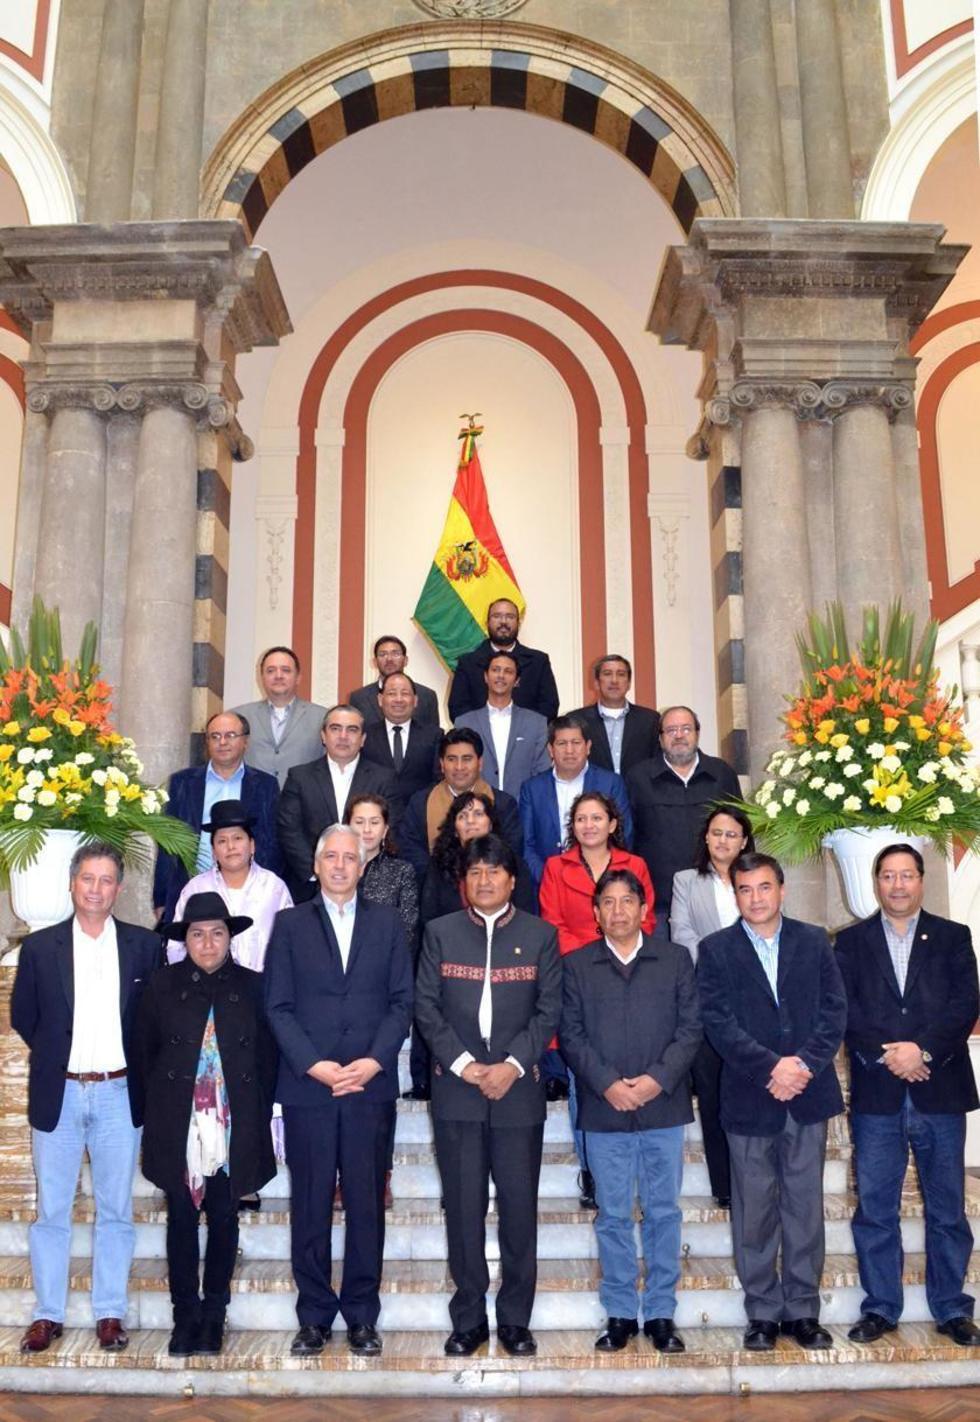 El presidente Evo Morales y su gabinete ministerial tras su última reunión el miércoles 18 de enero.